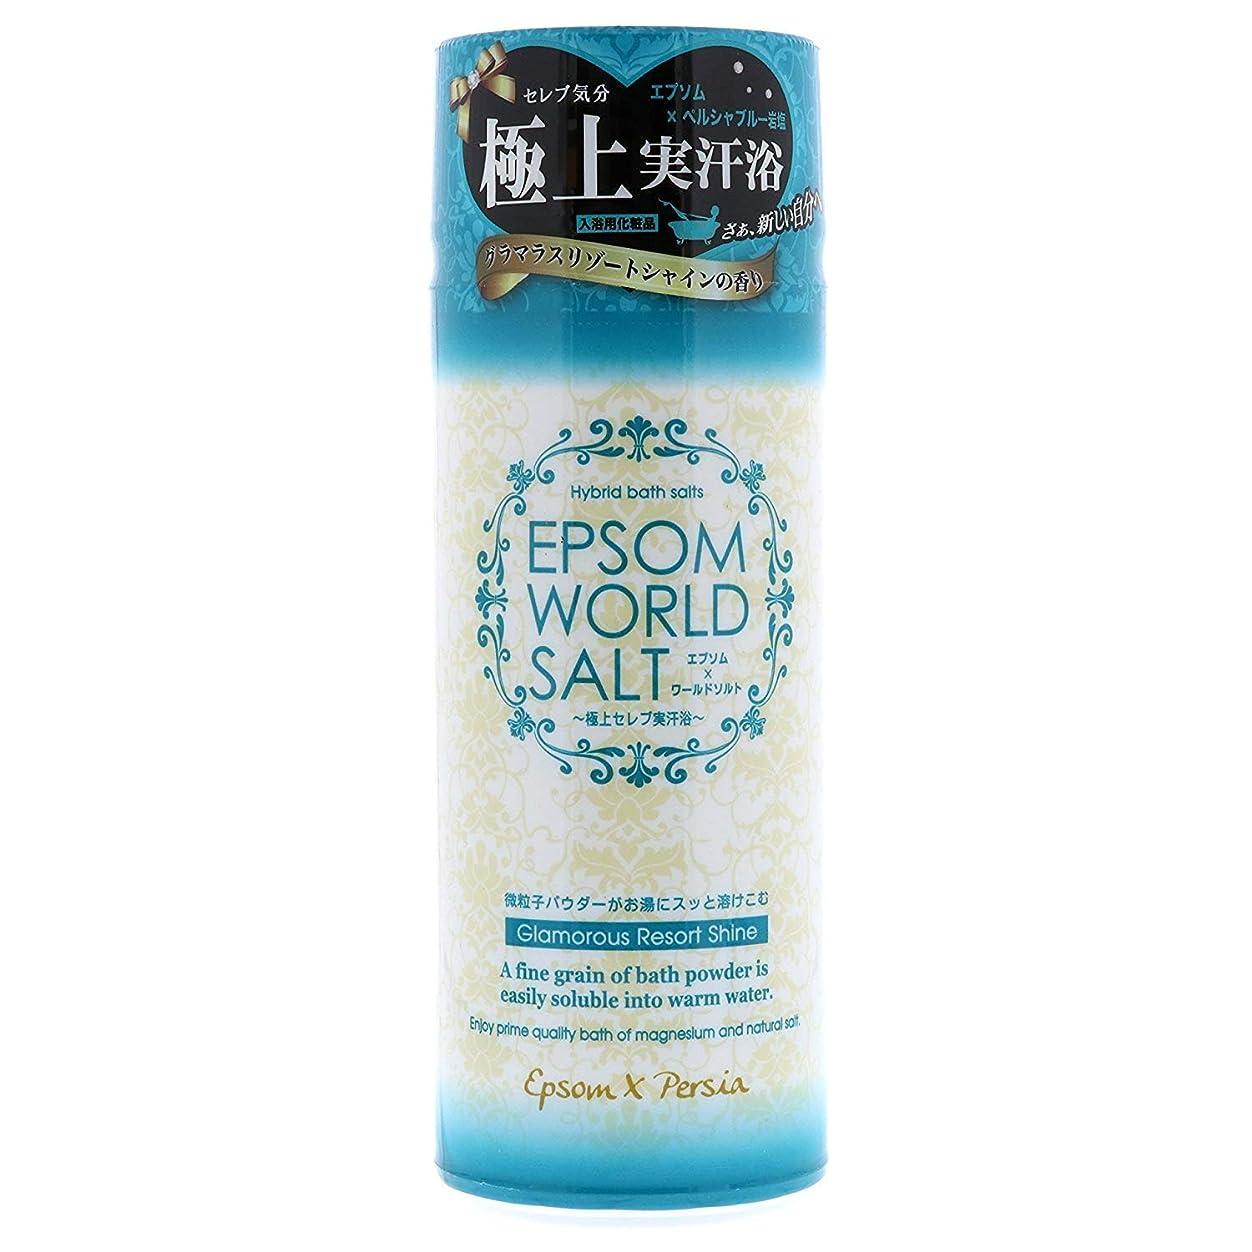 ジュースミットフィットネスエプソムワールドソルト グラマラスリゾートシャインの香り ボトル 500g